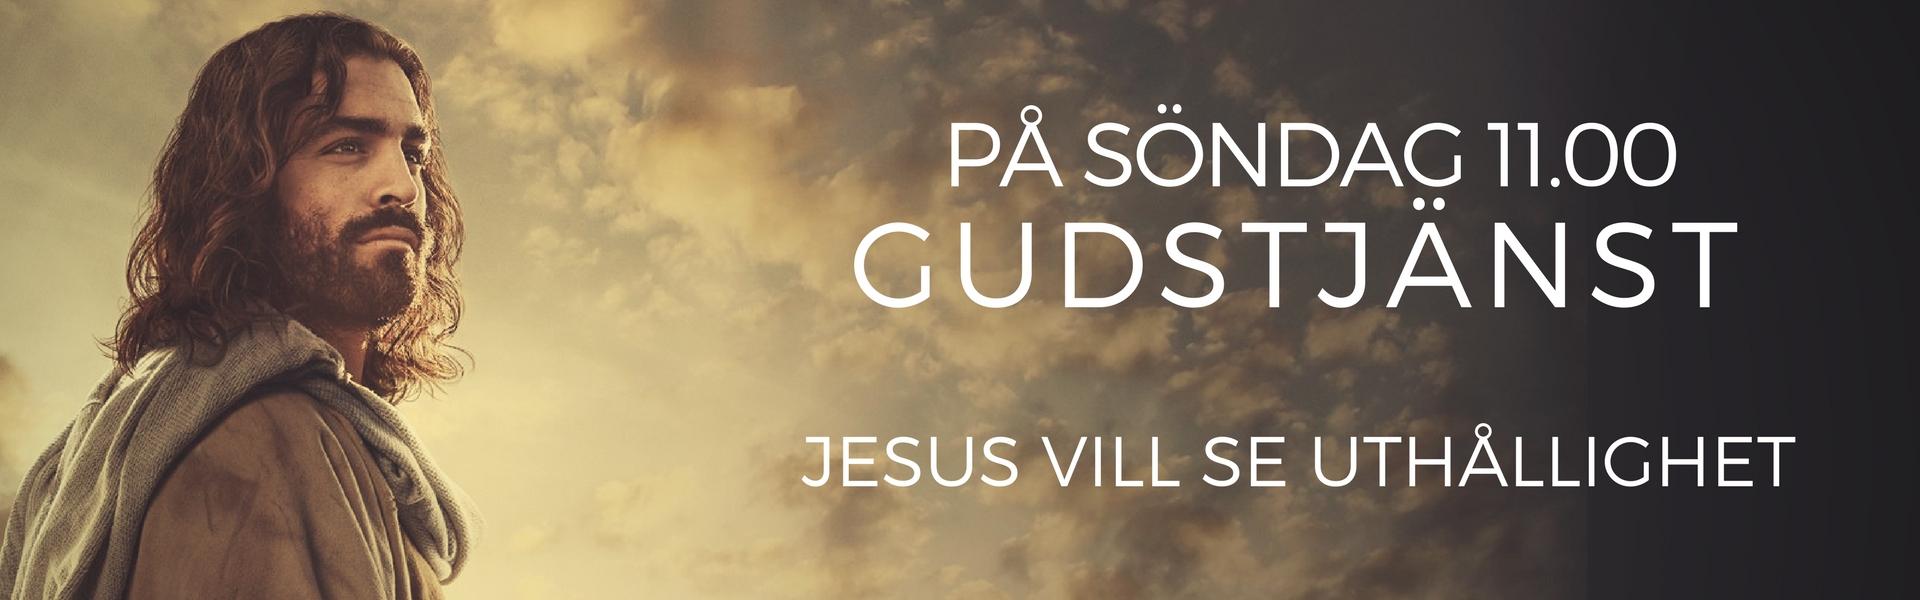 JESUS VILL SE